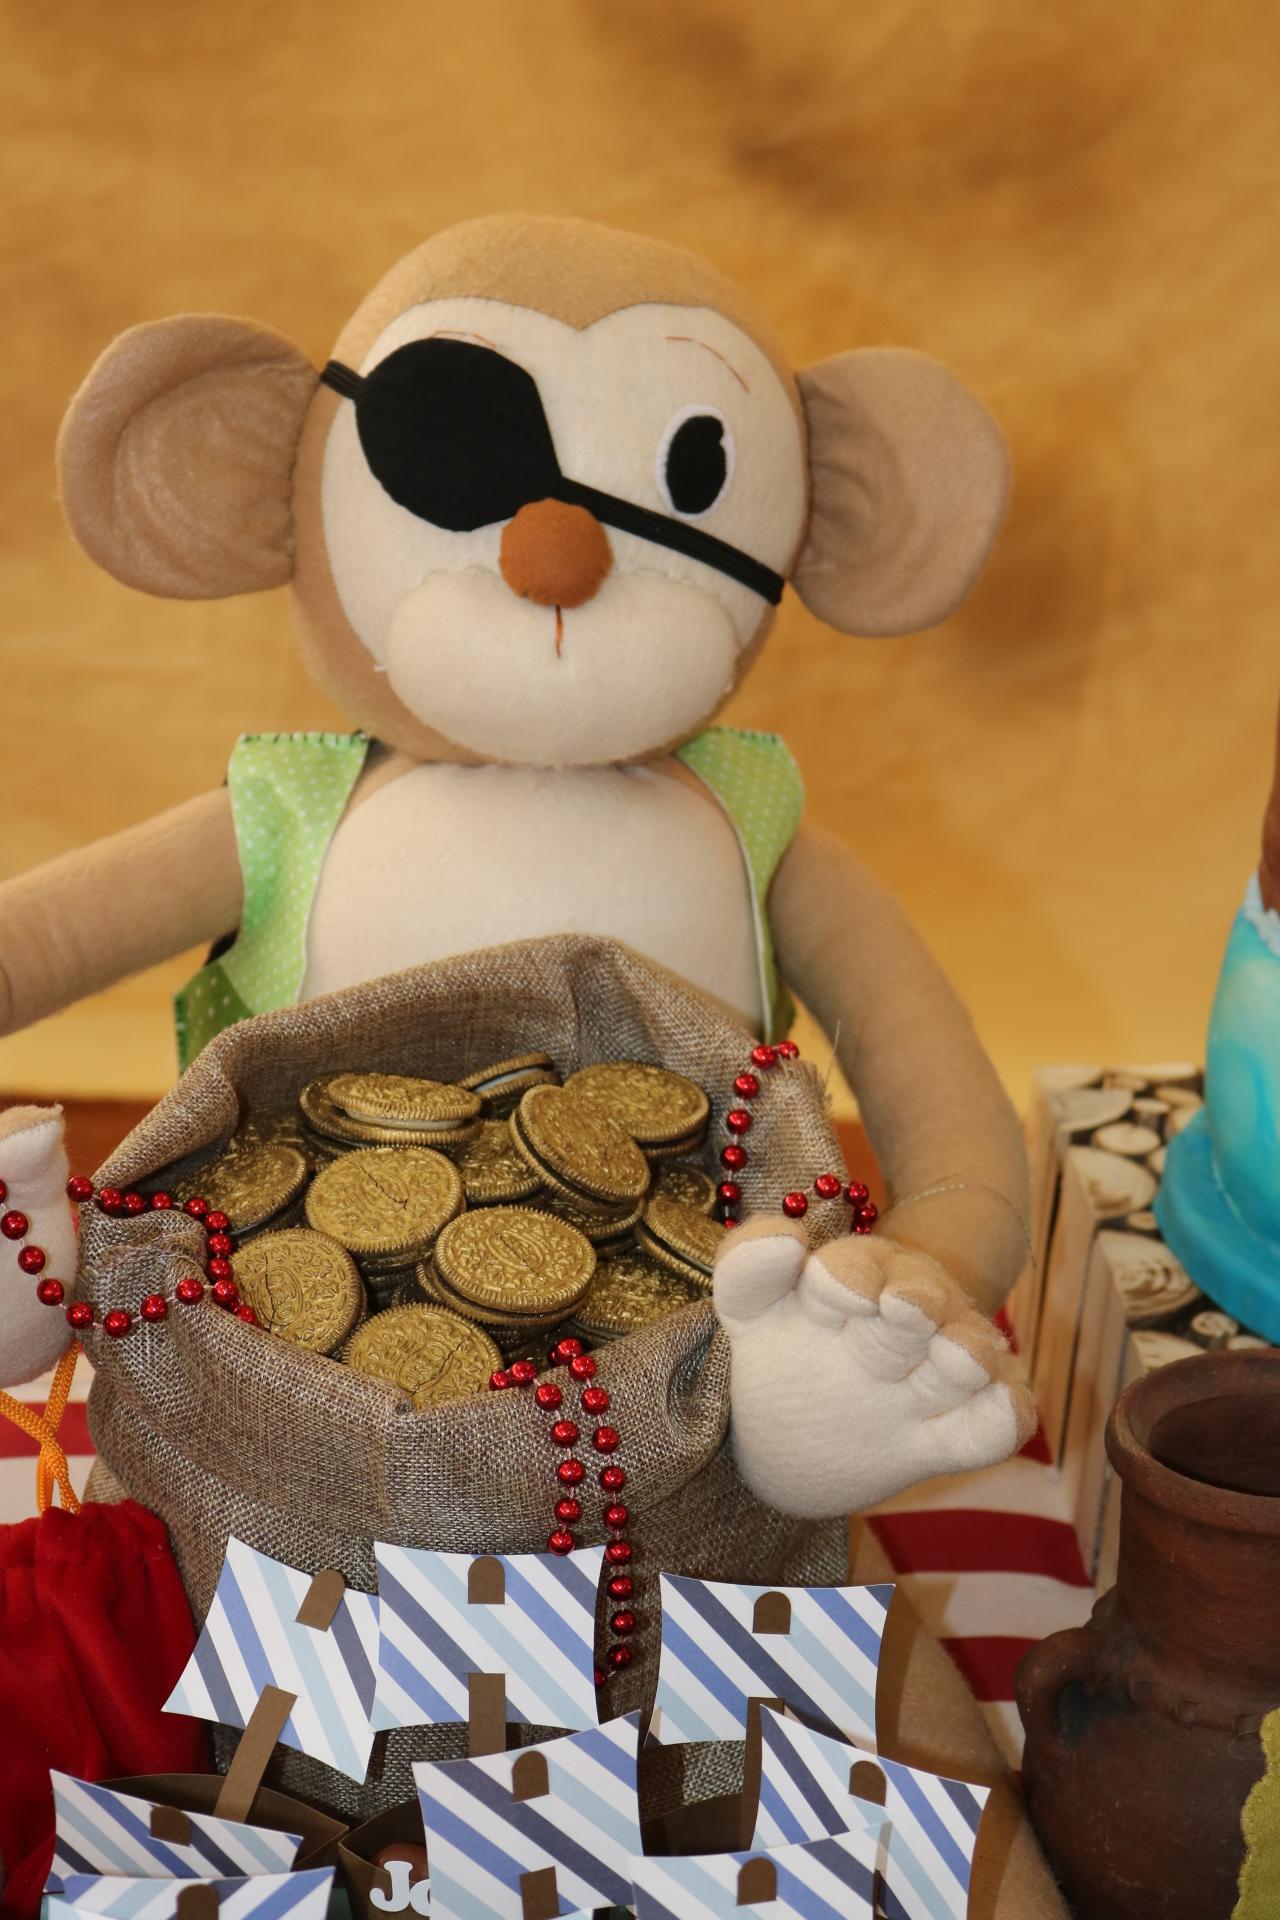 Mono hecho a mano Pirata con saco de monedas de oro.